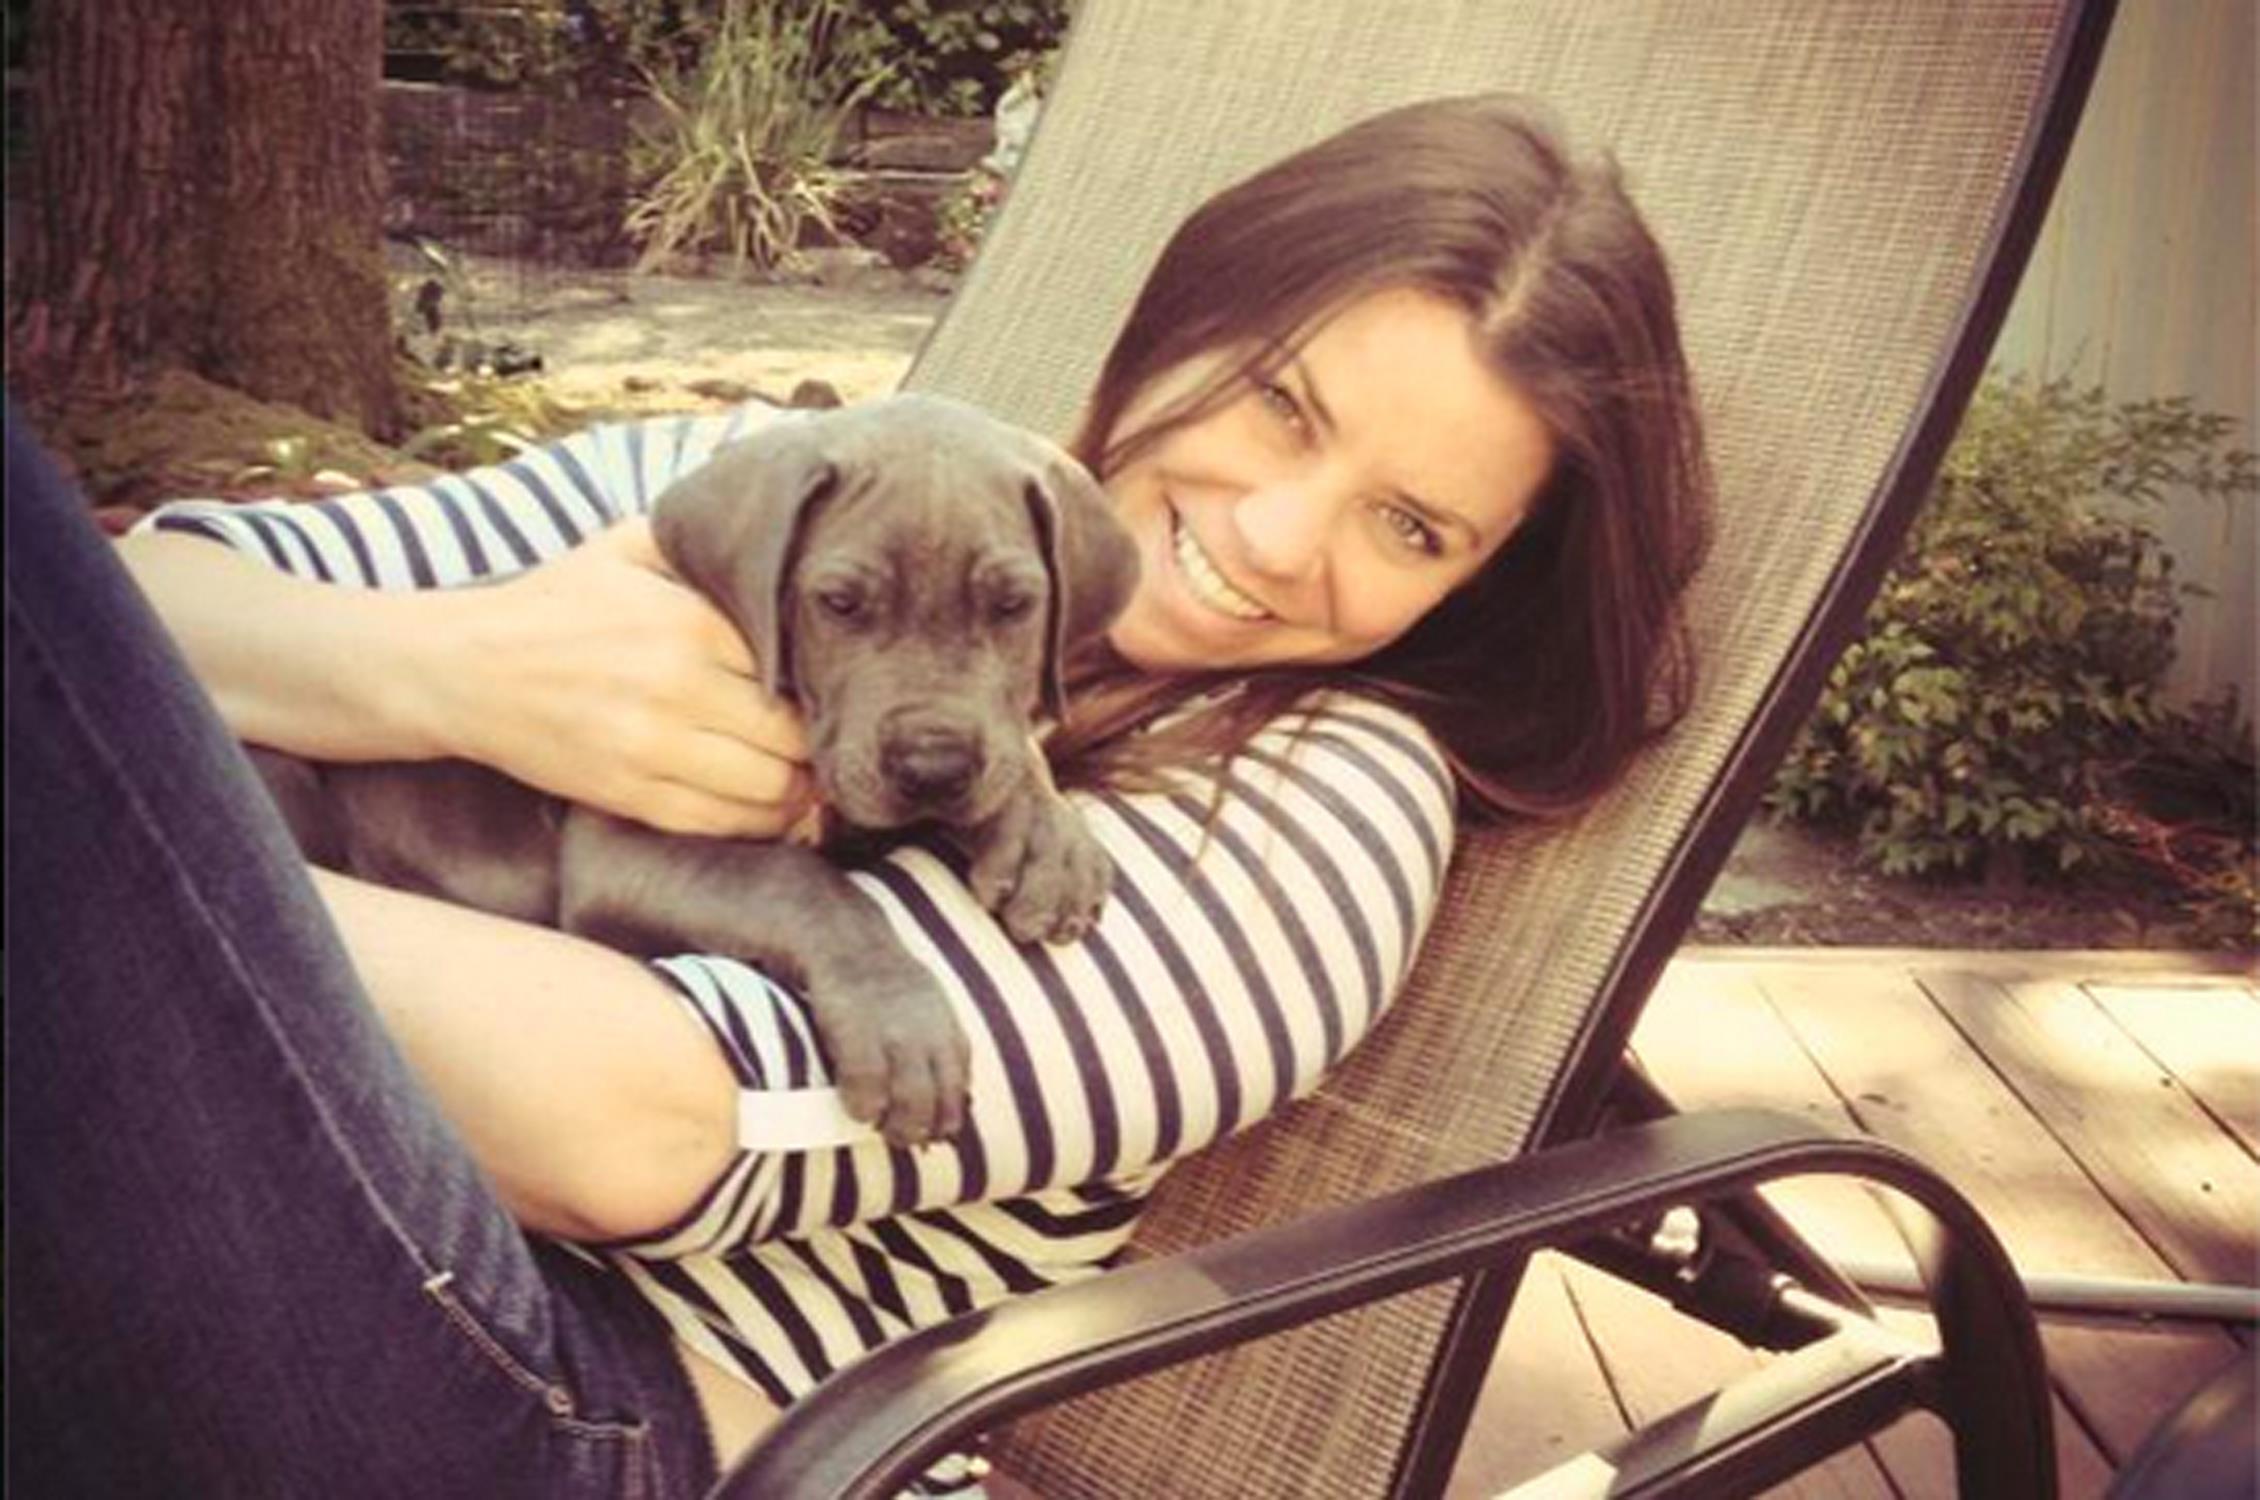 Suicidio asistido de una joven enferma despierta la polémica en EE.UU